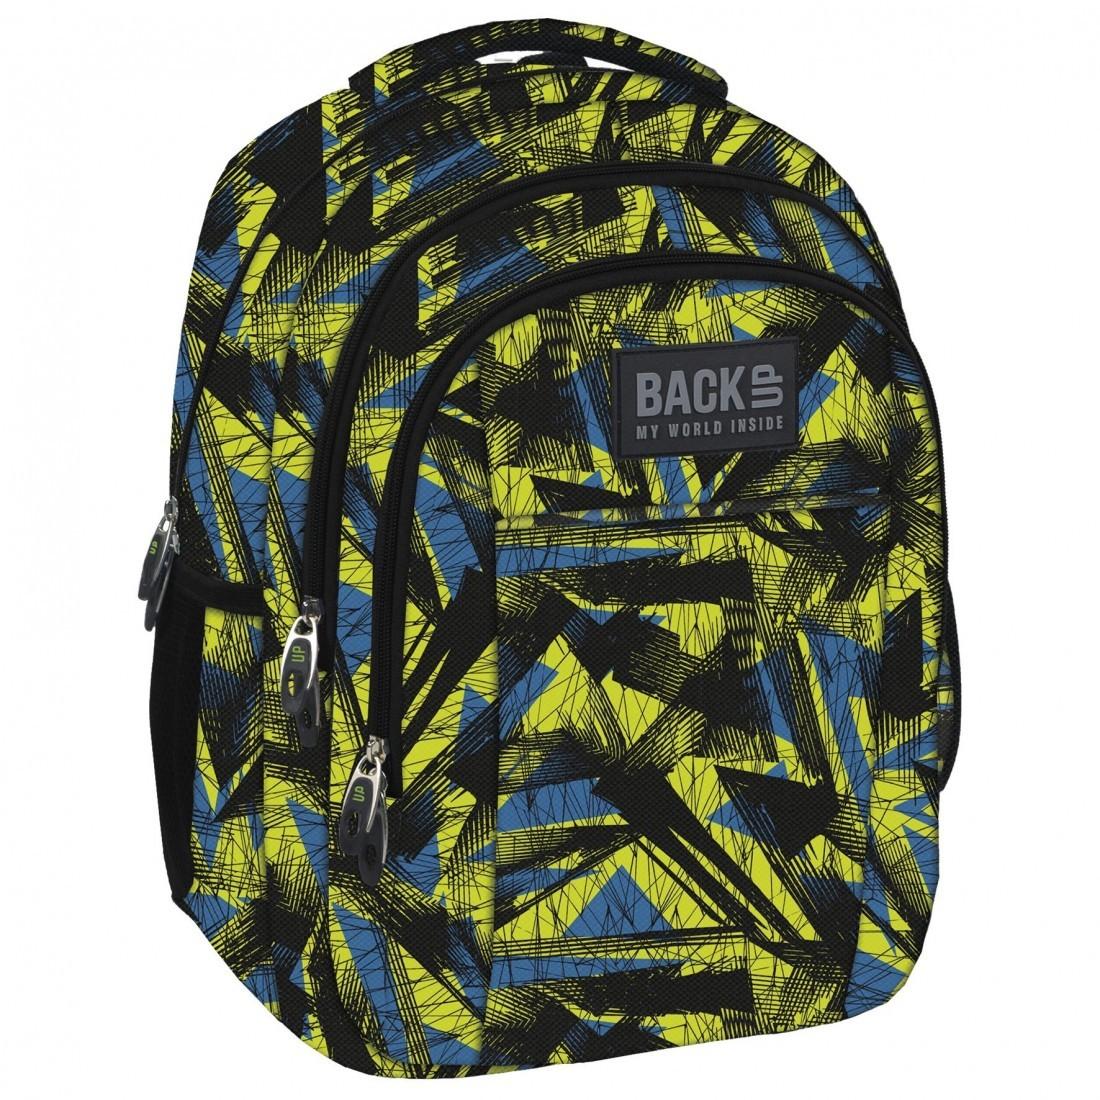 5d95552dcc80e Plecak dla chłopaka w abstrakcyjnym wzorze - abstrakcja w męskim stylu i  kolorystyce - to jest to! Wzór na plecaku BackUP został gustownie ożywiony  kolorem ...